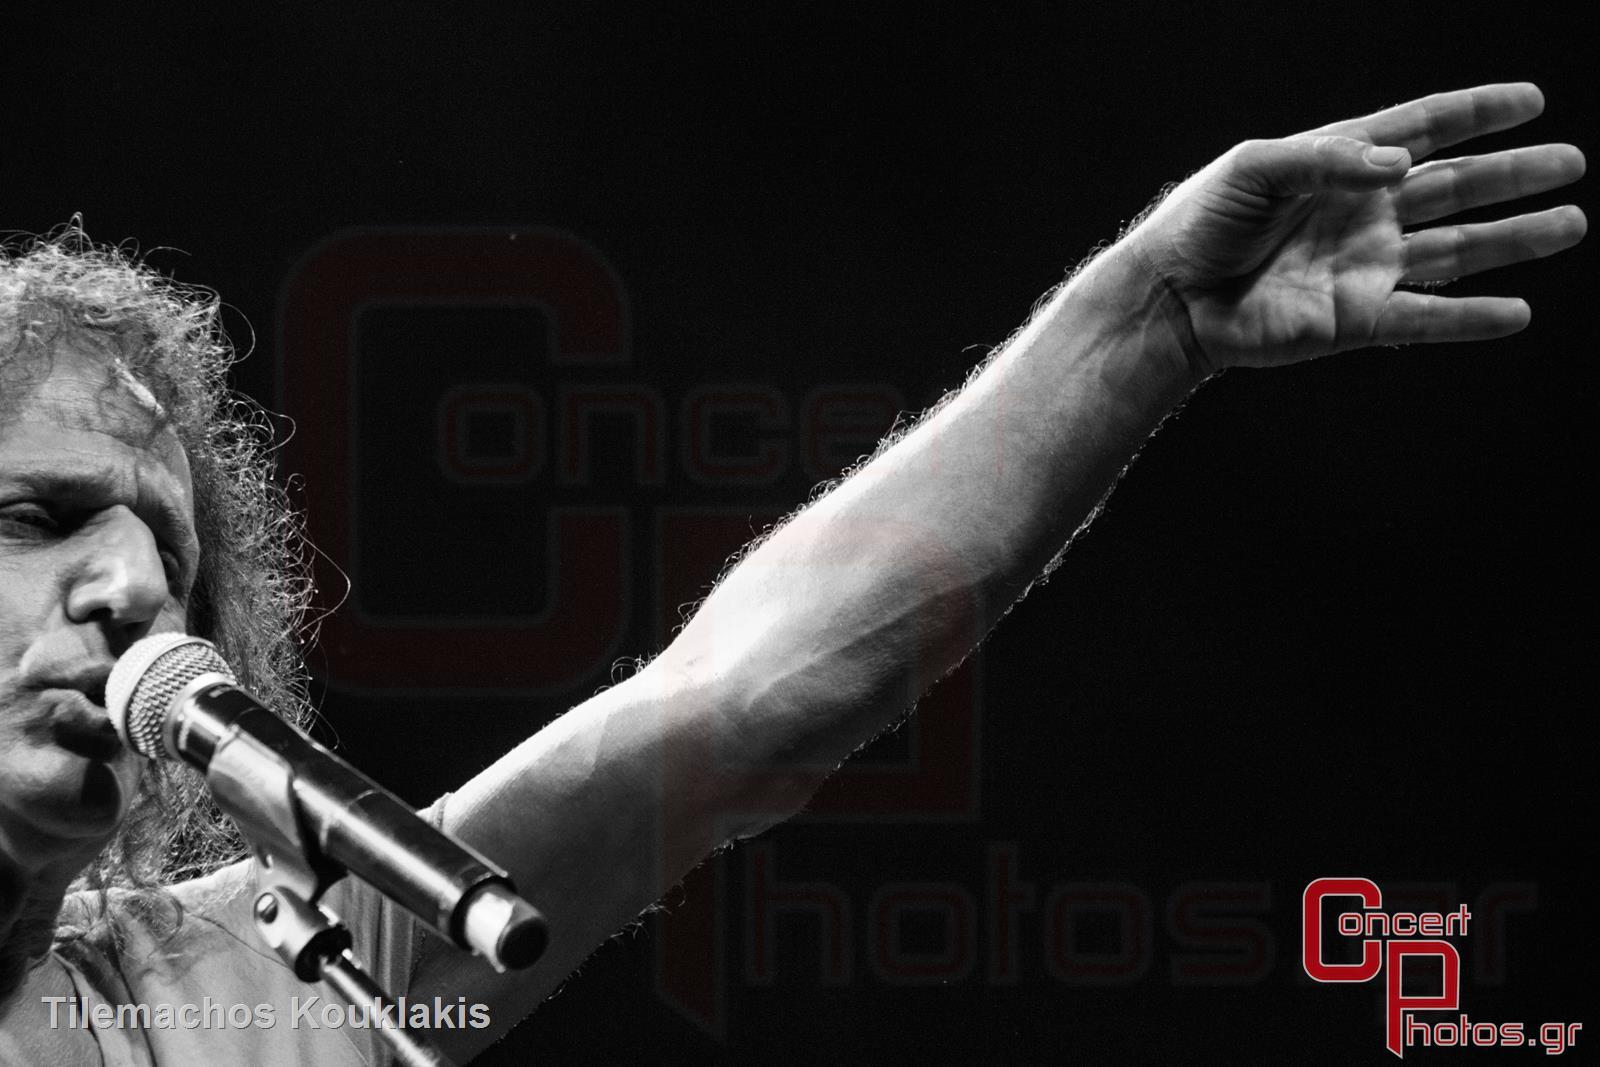 Βασίλης Παπακωνσταντίνου - 40 Χρόνια Έφηβος-Vasilis Papakonstantinou 40 Chronia Efivos photographer: Tilemachos Kouklakis - concertphotos_-5181